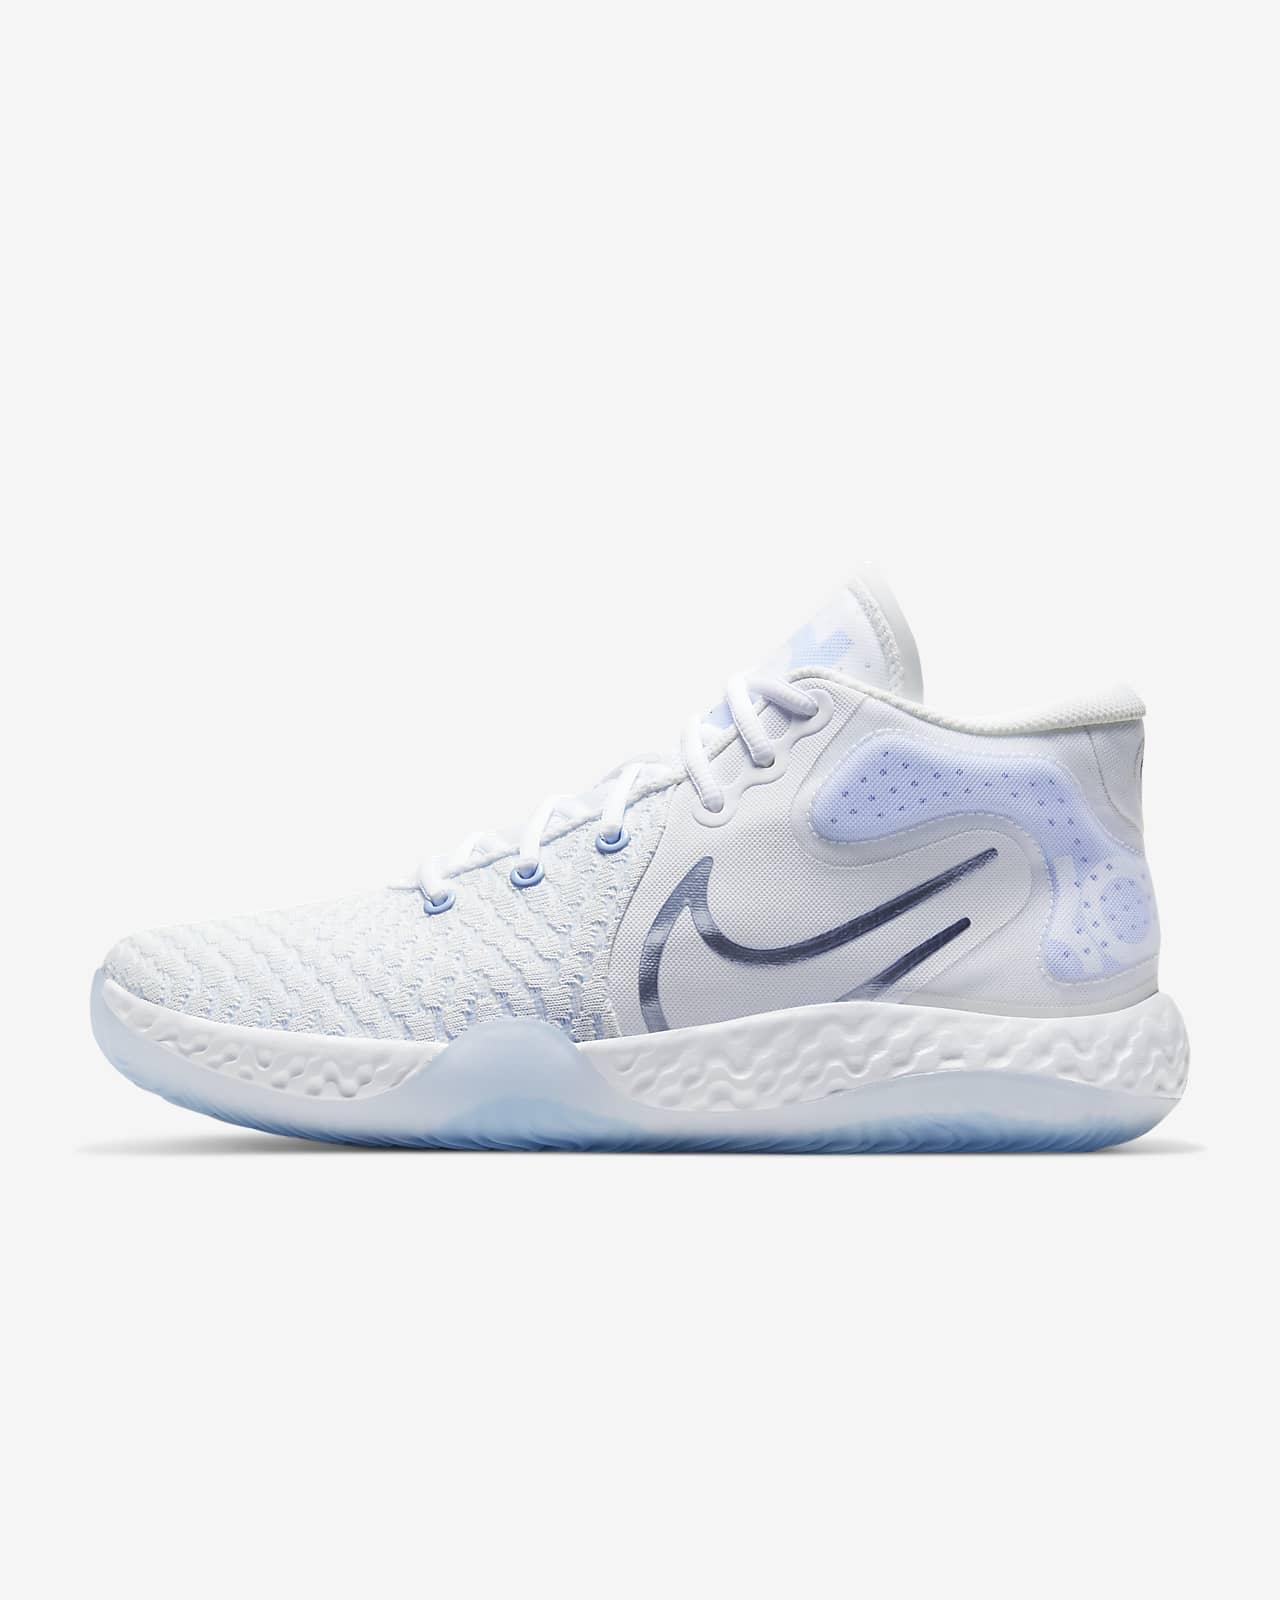 Buty do koszykówki KD Trey 5 VIII